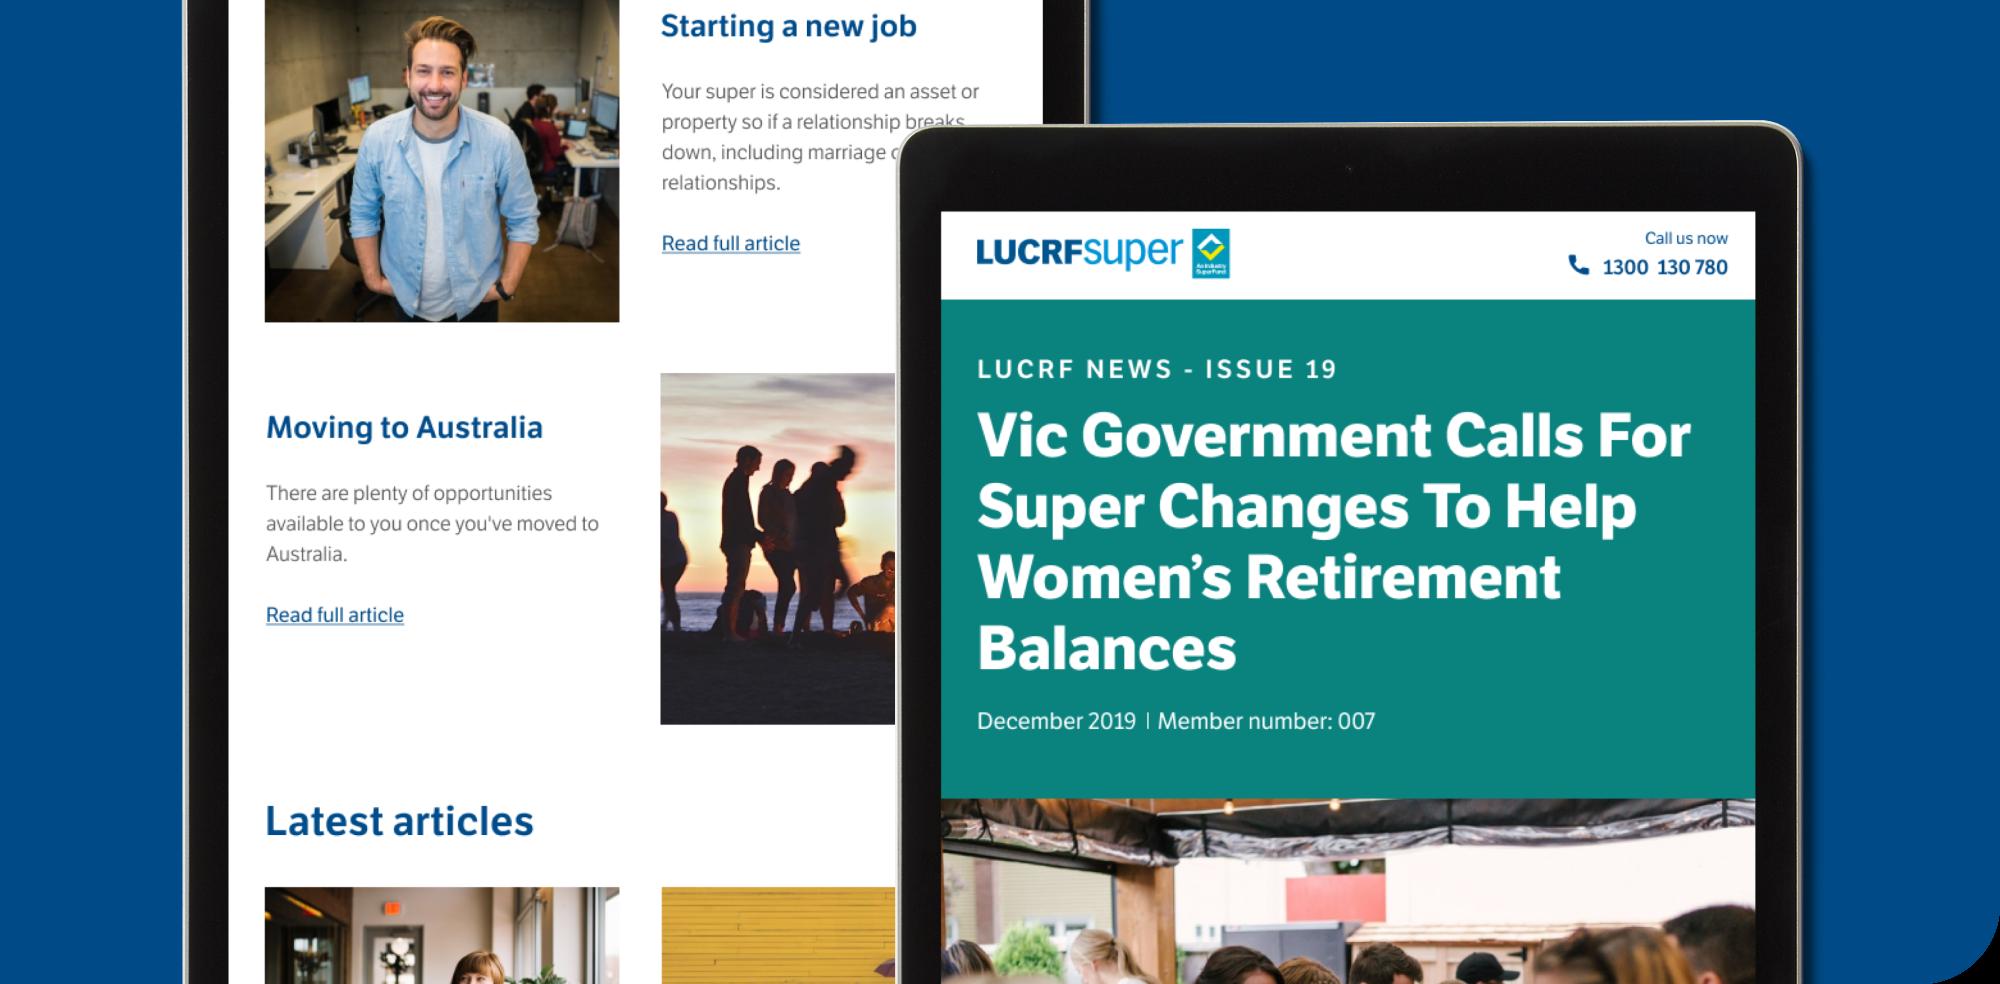 LUCRF Super Website Redesign